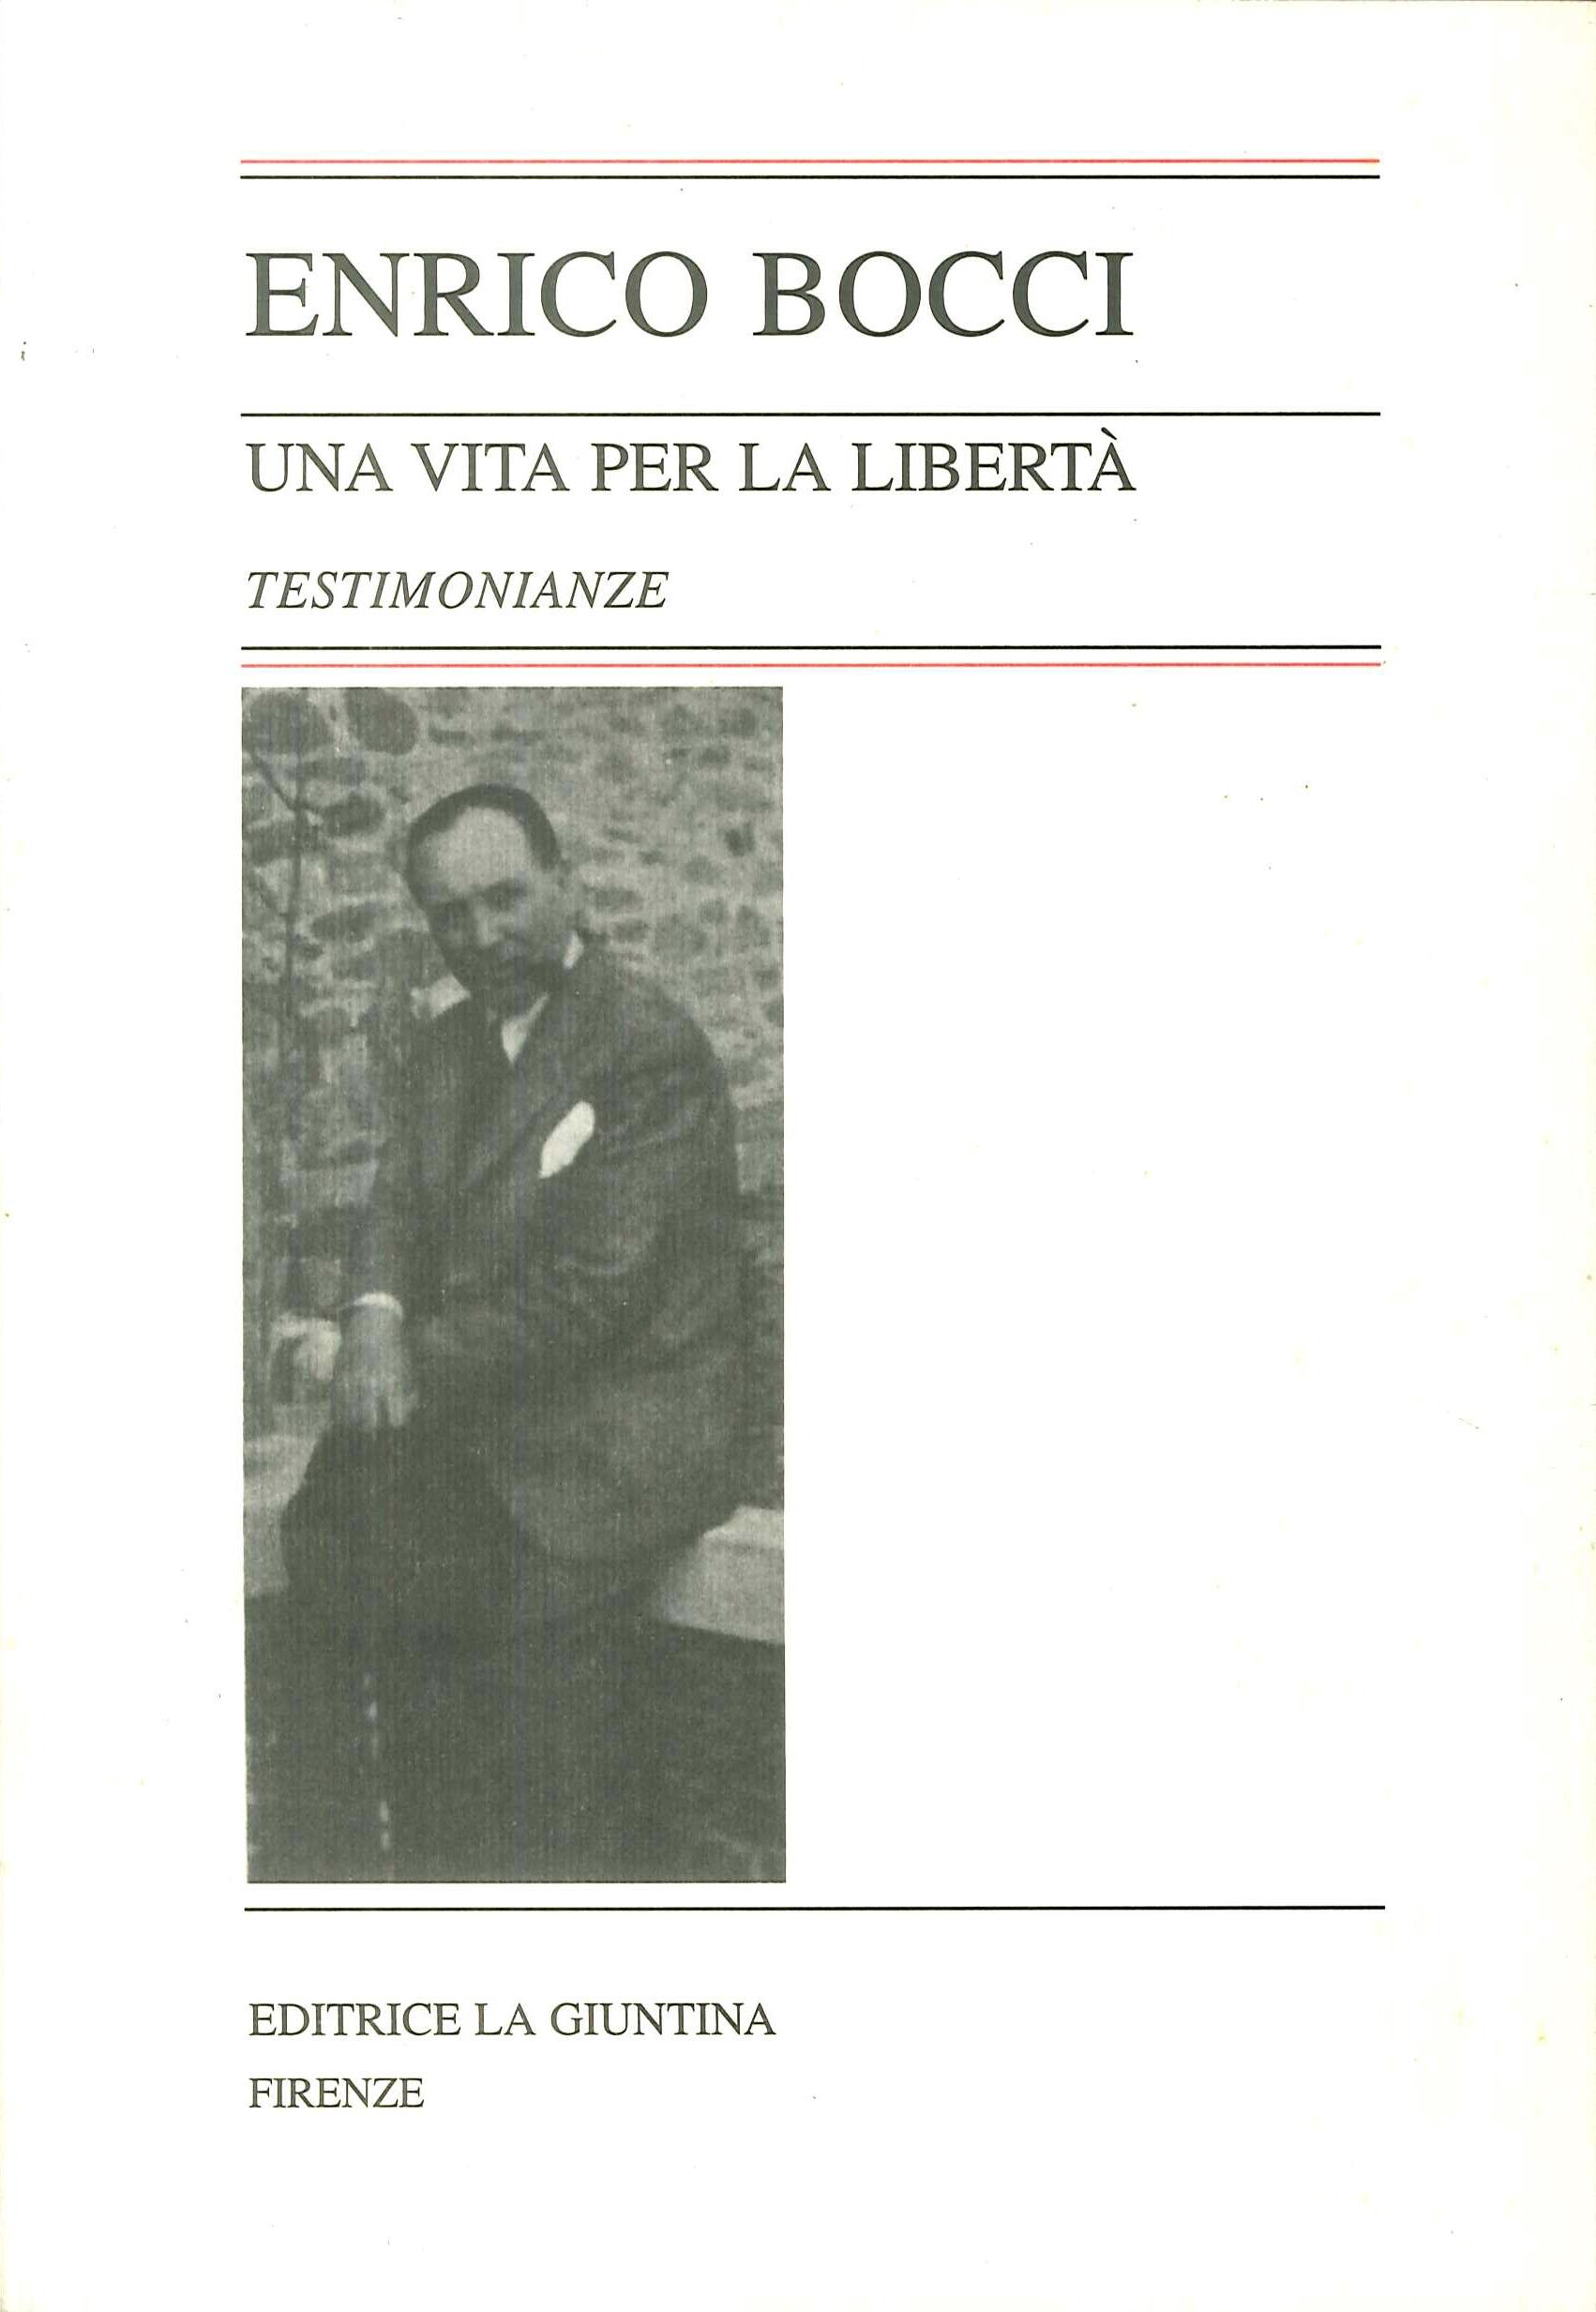 Enrico Bocci una Vita per la Libertà. Testimonianze